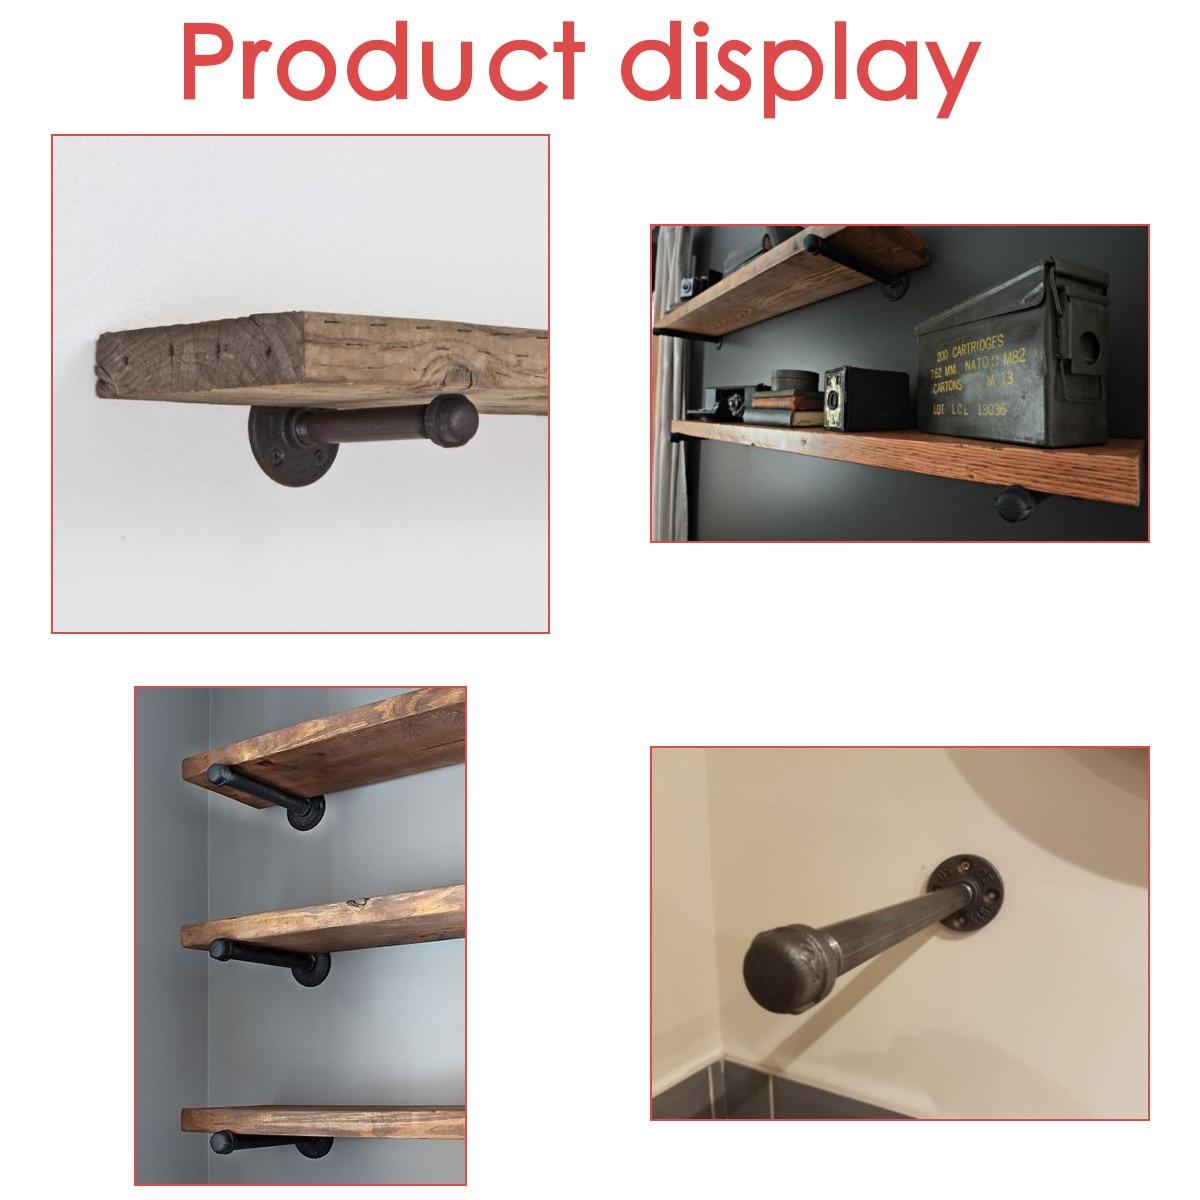 GoYonder 10 Industrie Eisen Rohr Regalhalter /¾ Retro Wandregal Halterung Vintage Regalhalterung Home Design 2 St/ück mit Montagezubeh/ör